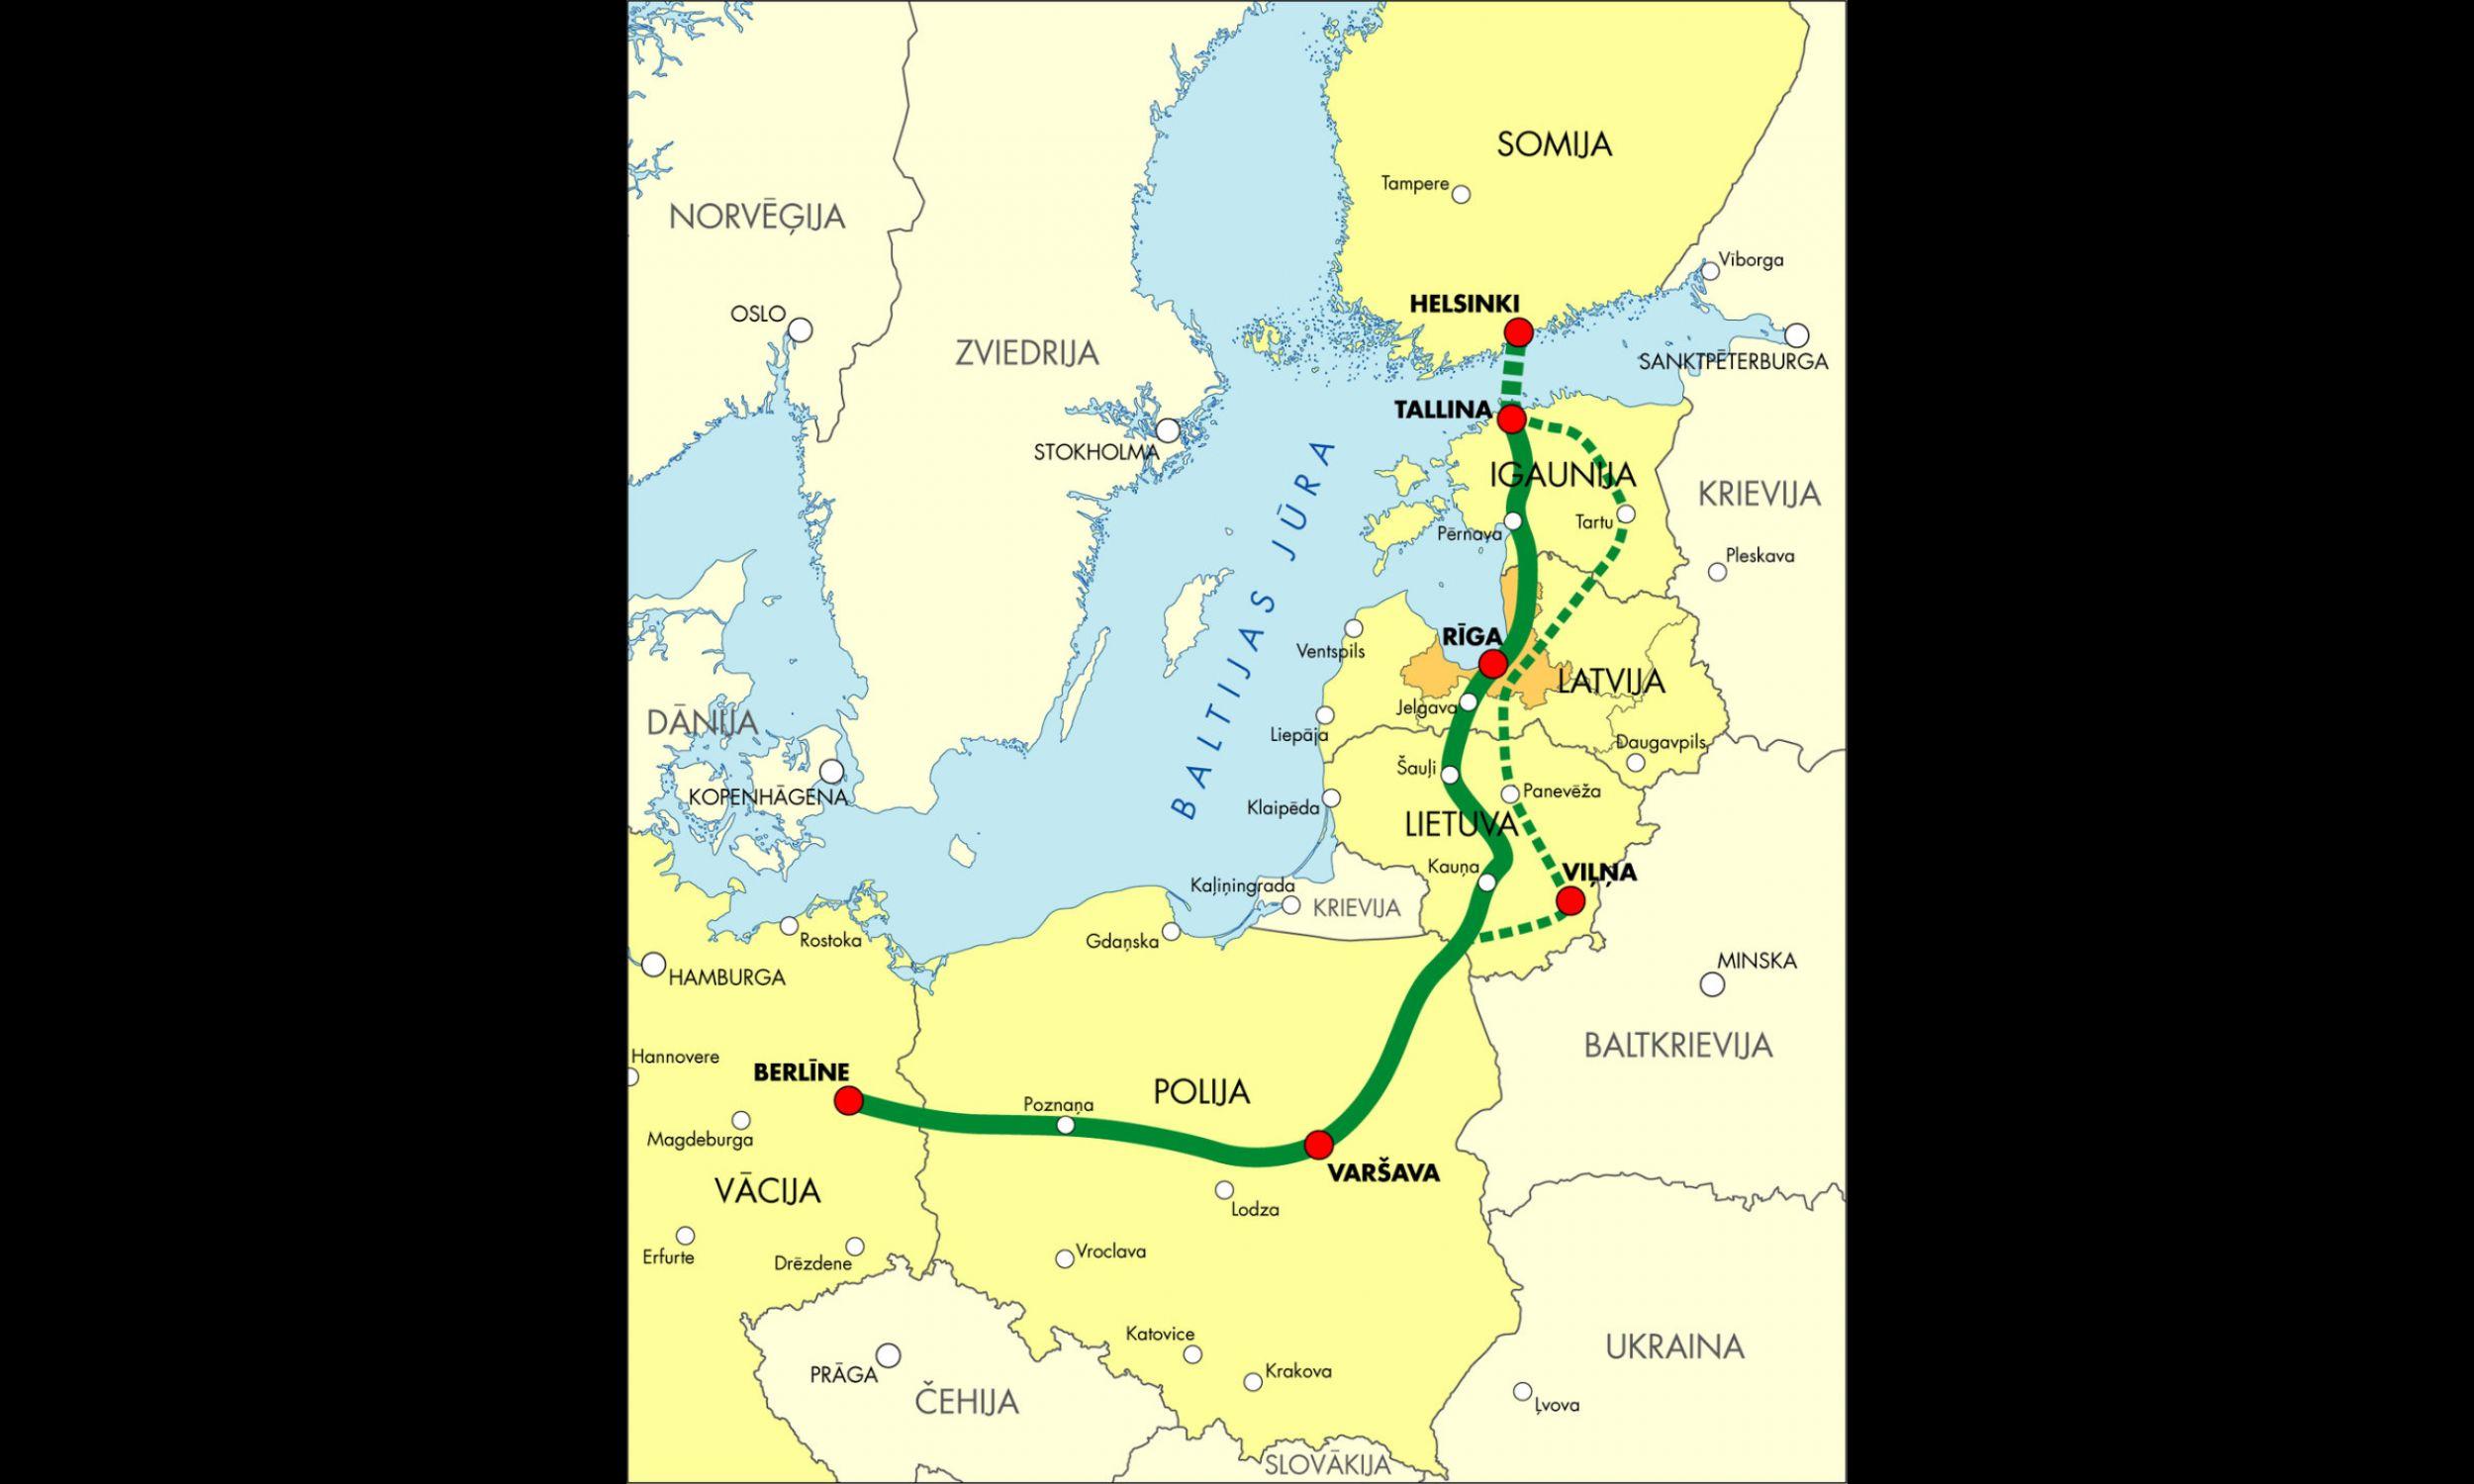 Mapa przeglądowa z planowaną lokalizacją trasy Rail Baltica. Fot. Ministry of Transport and Communication of the Republic of Latvia - http://commons.wikimedia.org/wiki/File:RailBaltica.jpg